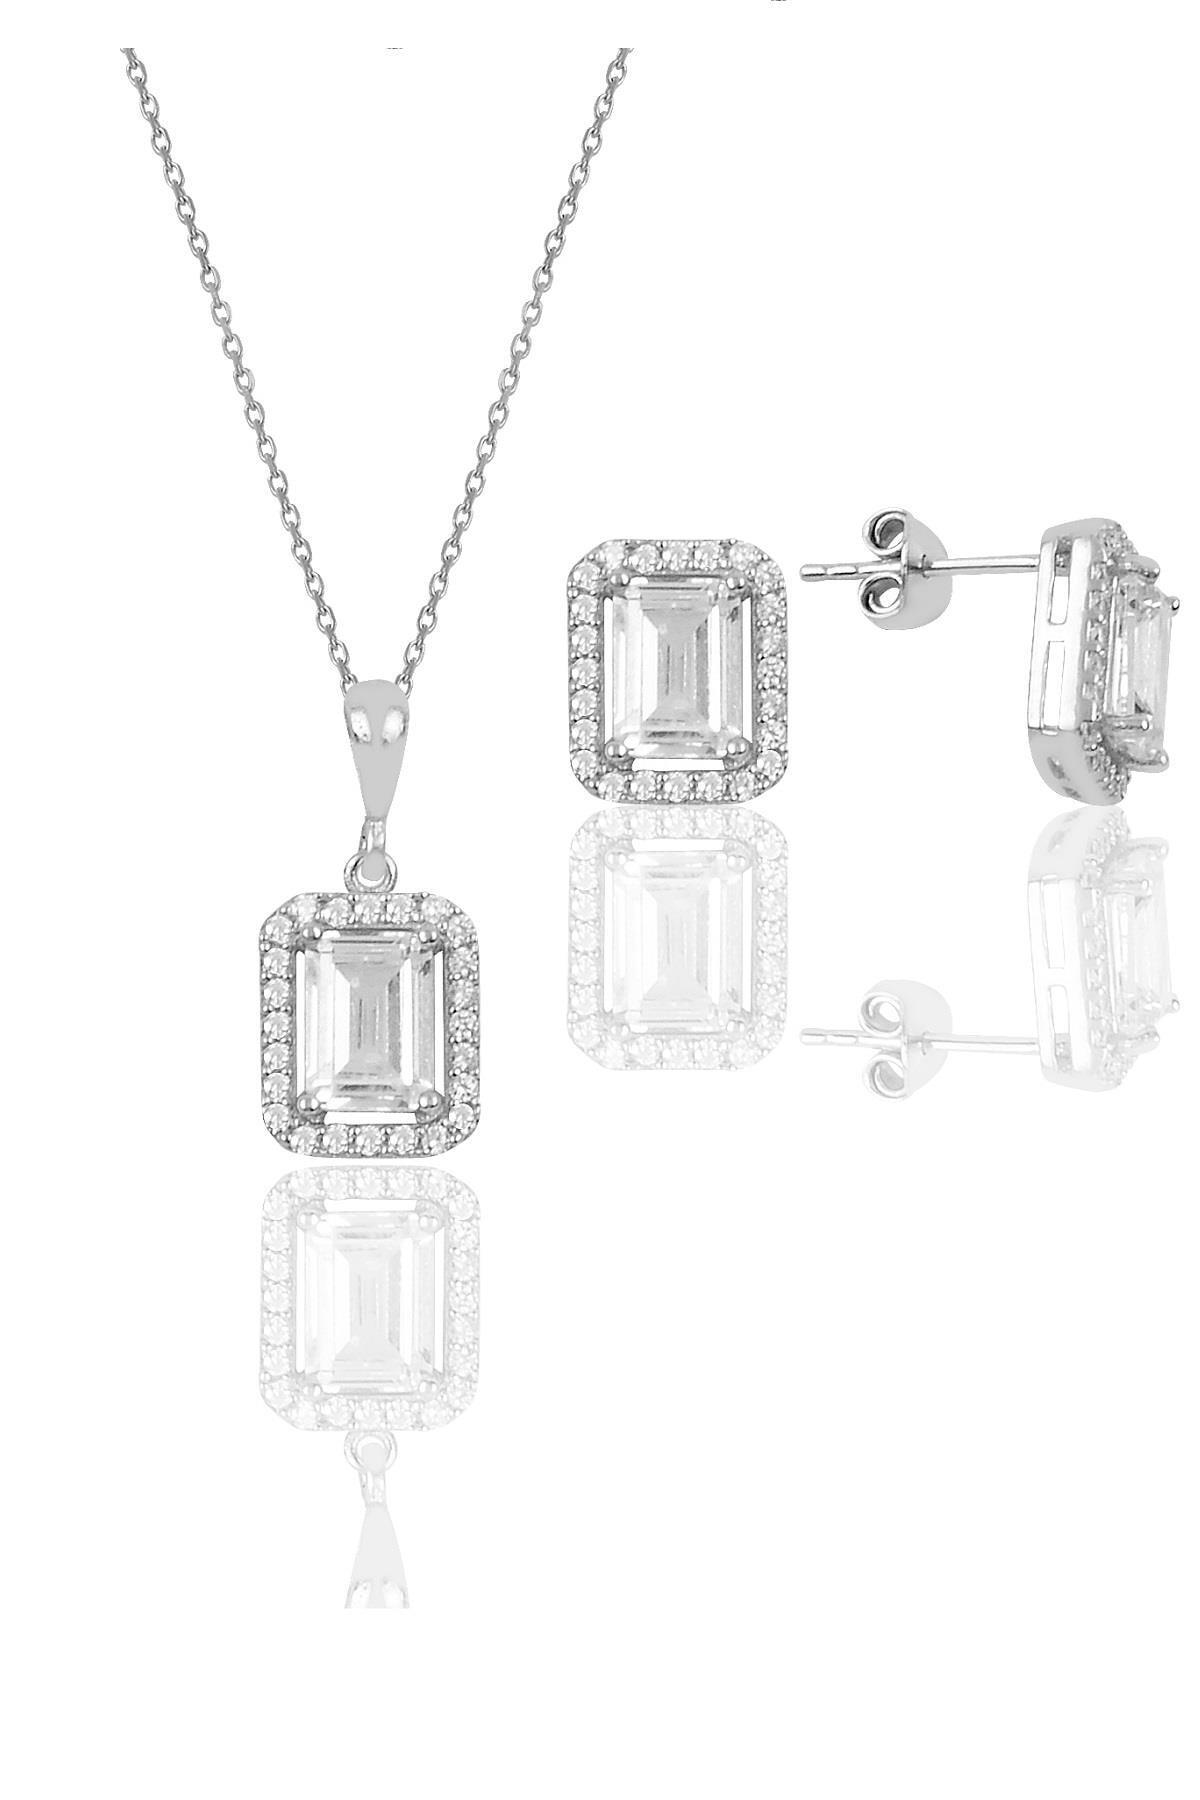 Söğütlü Silver Gümüş Baget Taşlı İkili Set Sgtl10059Rodaj 0